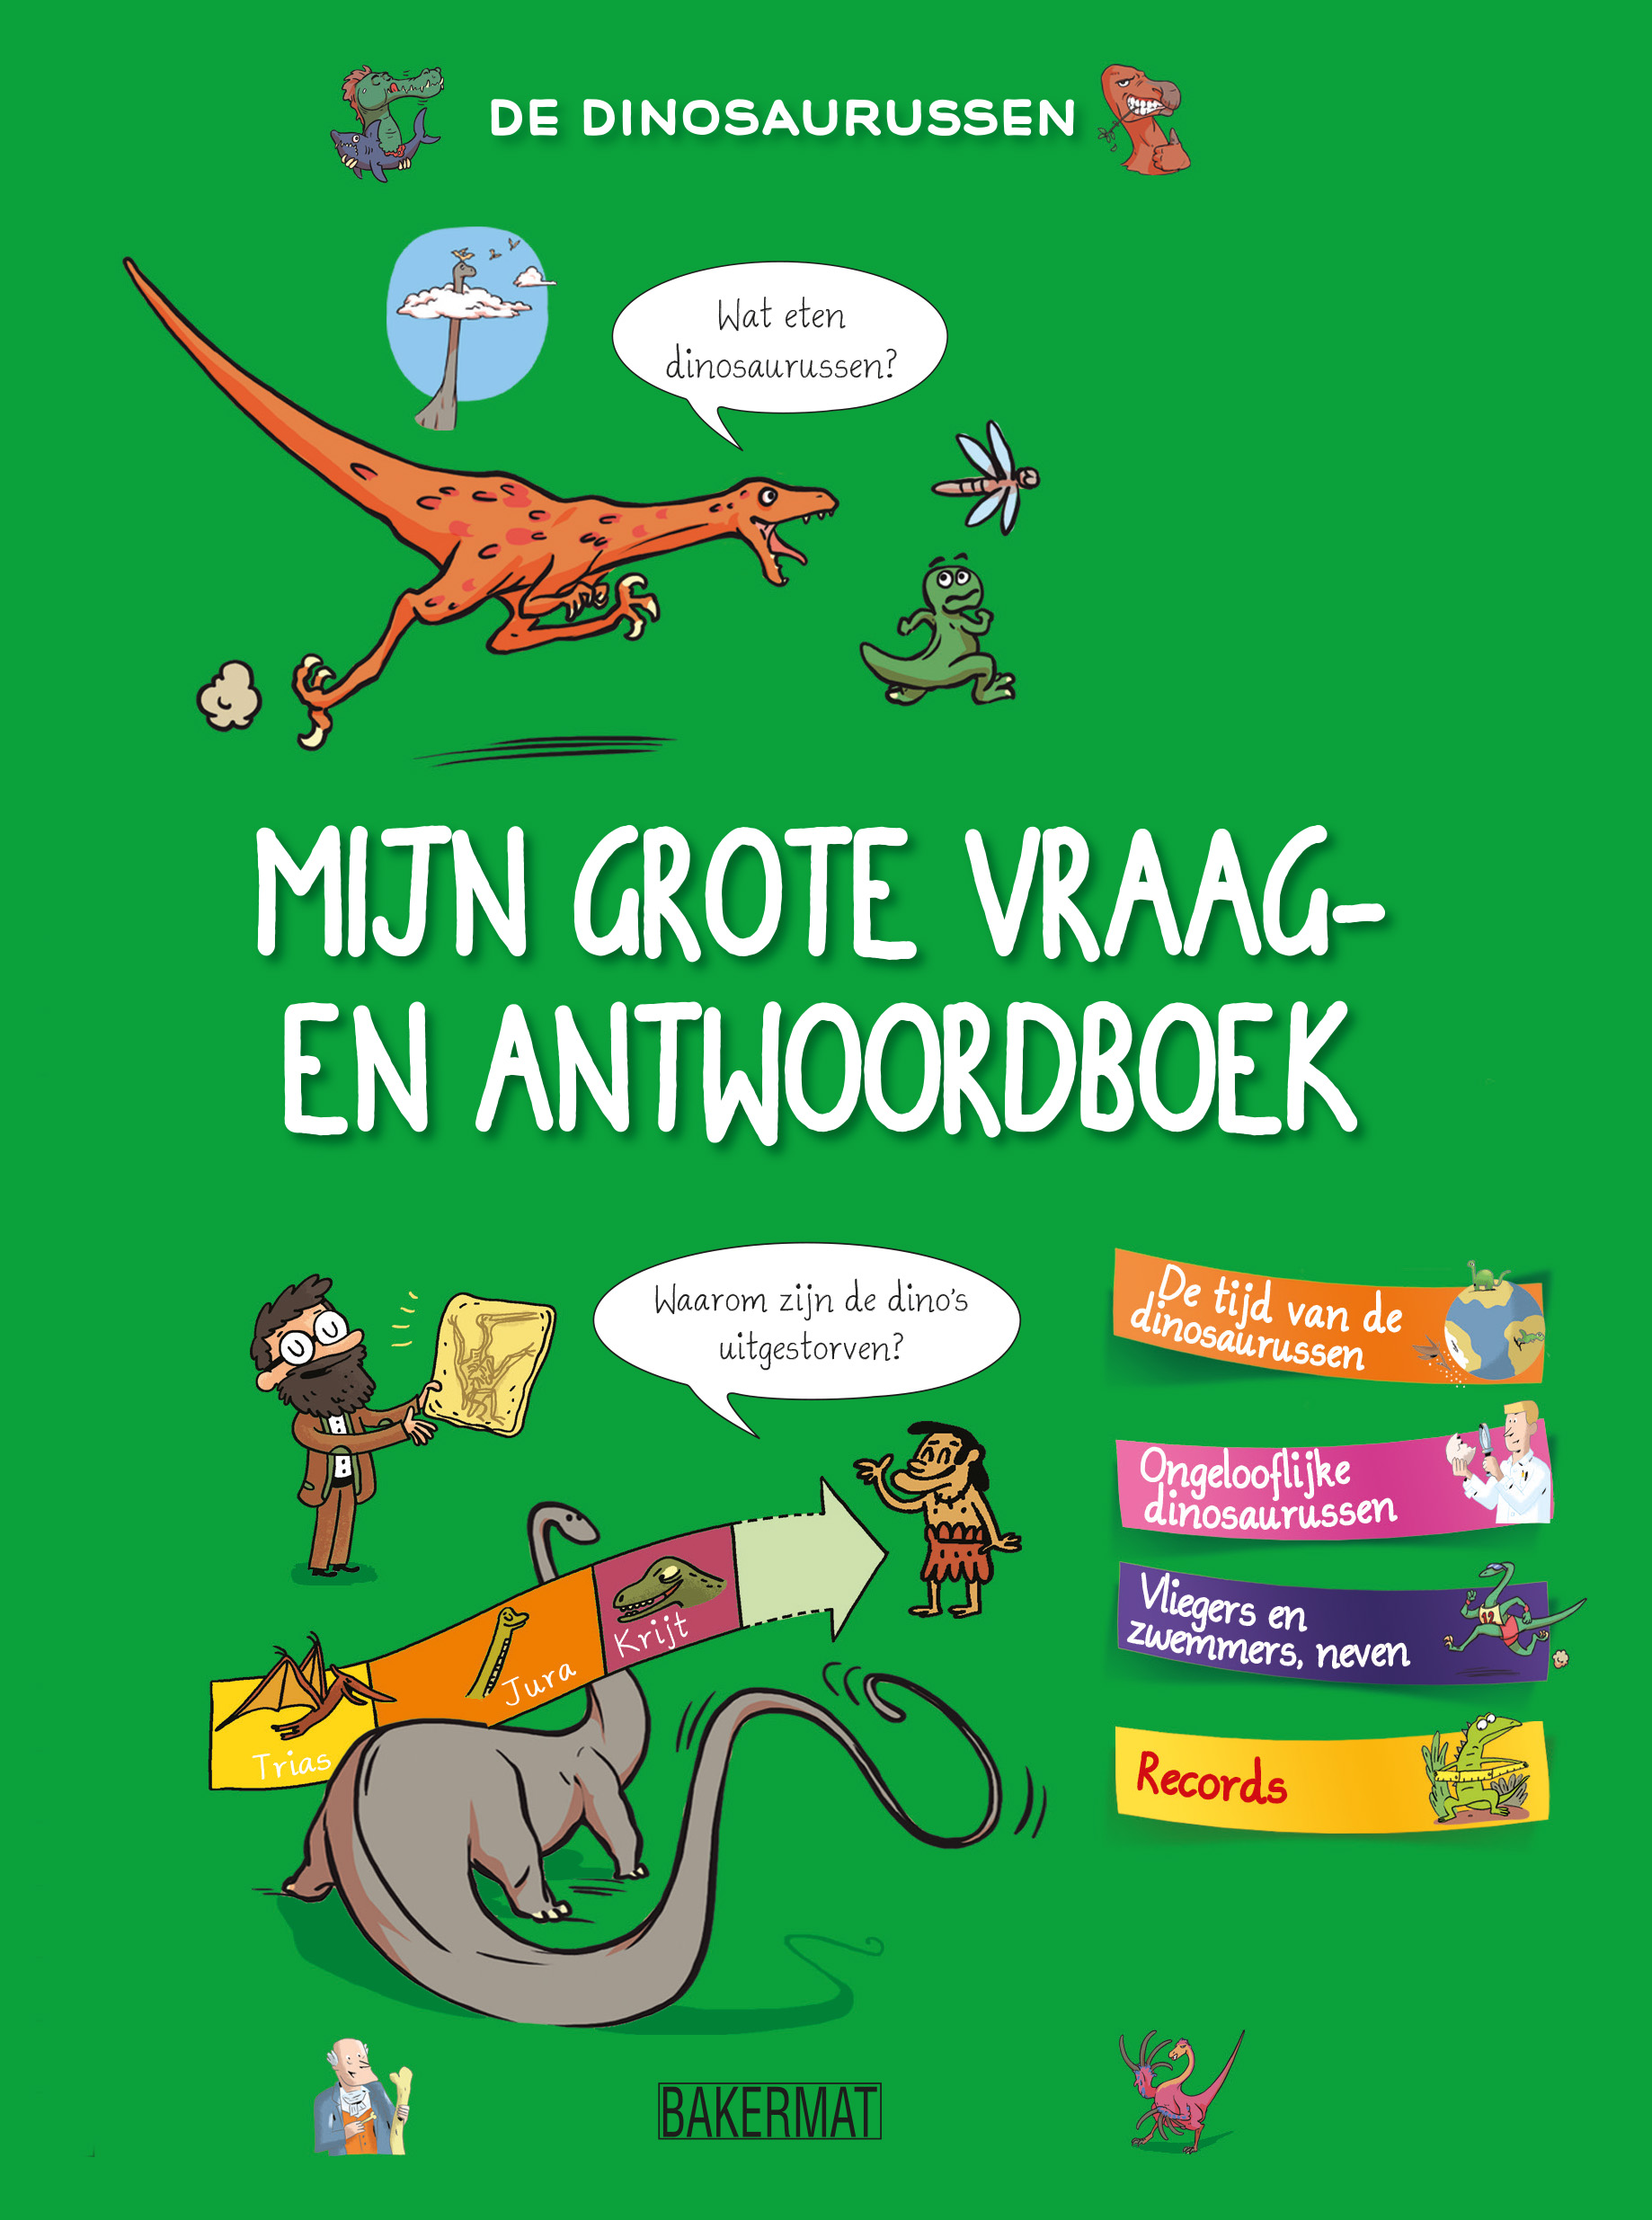 Grote vraag- en antwoordenboek: Dinosaurussen